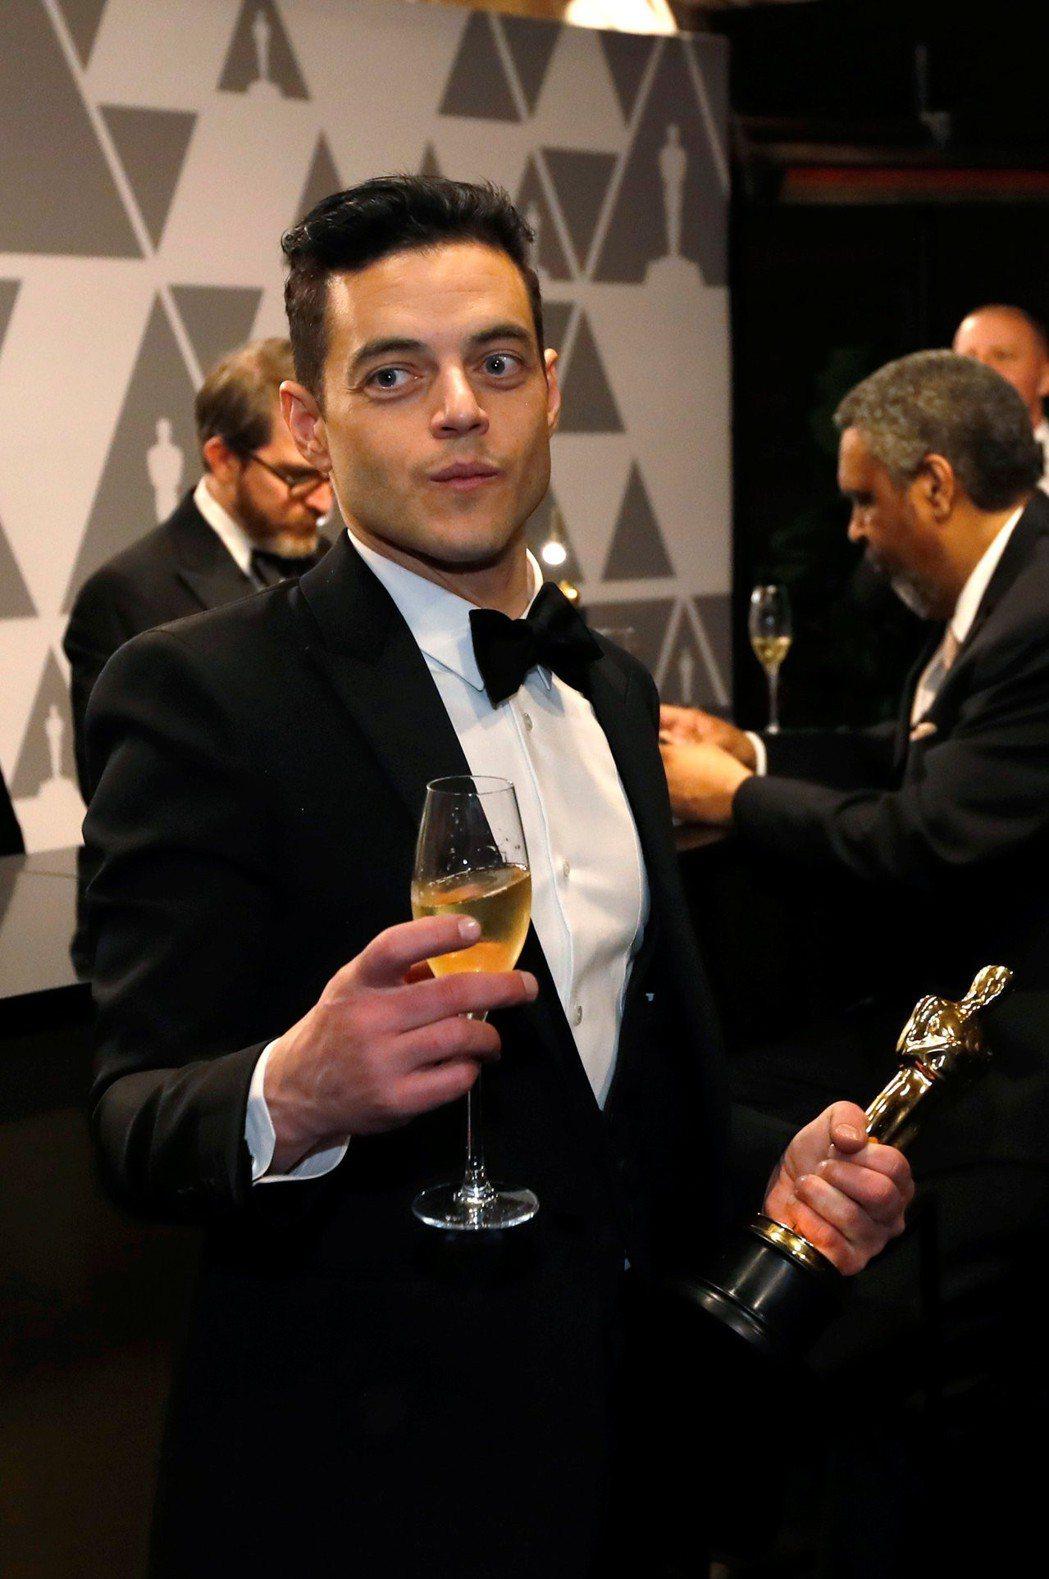 雷米馬利克獲邀在最新一集007影片扮演大反派。圖/路透資料照片